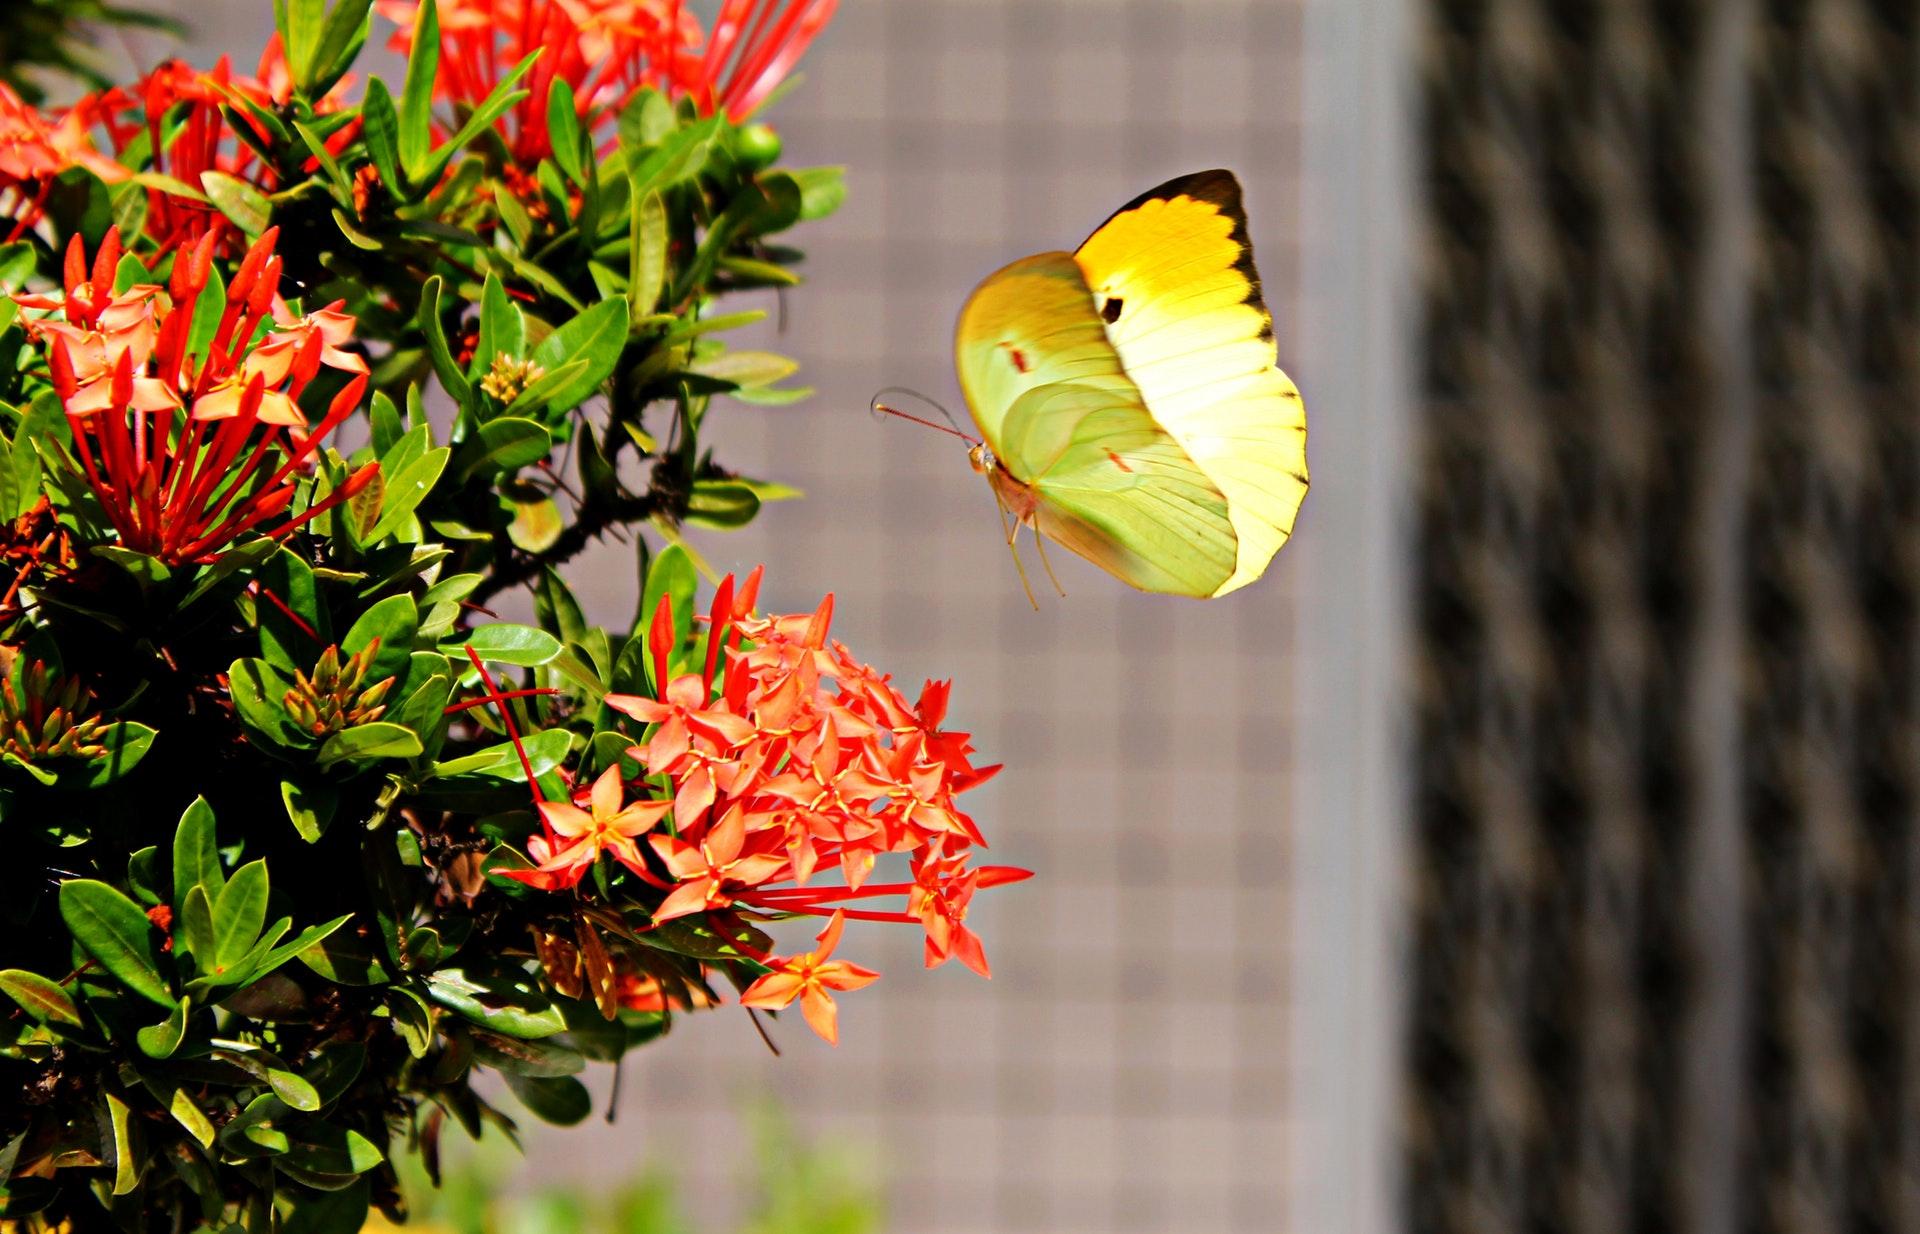 brimstone-butterfly-fly-land.jpg